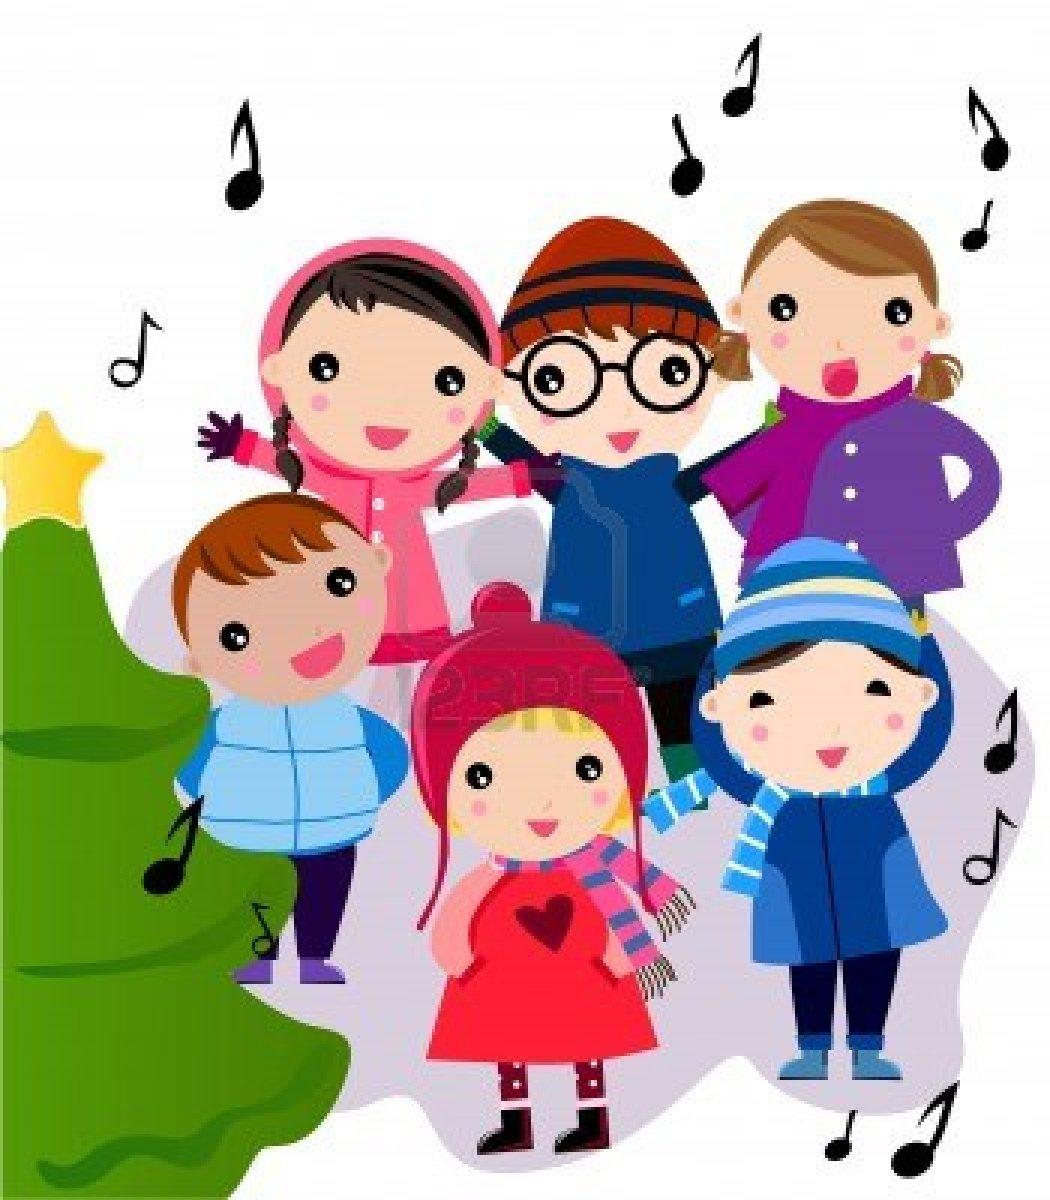 png free stock Transparent . Caroling clipart preschool.